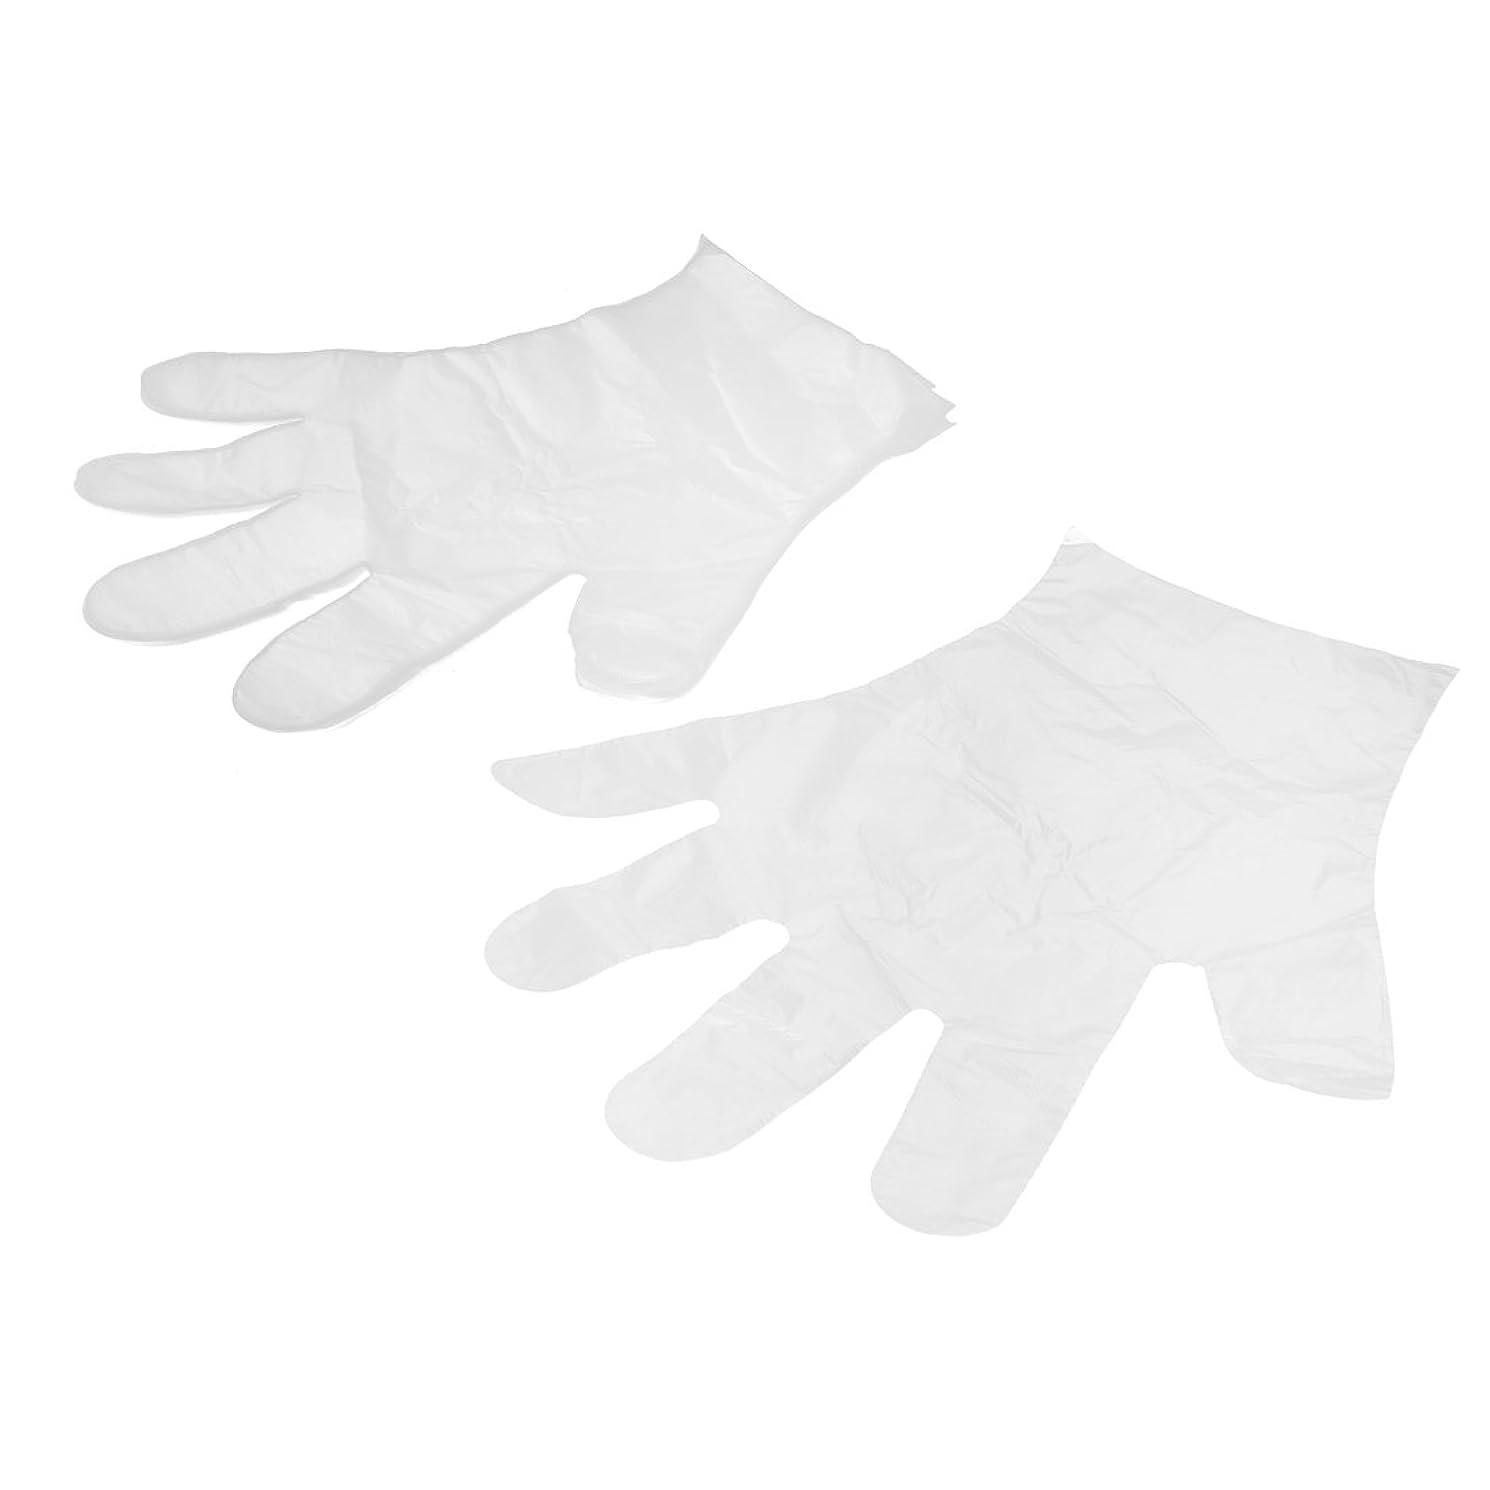 月曜日形作りuxcell 使い捨て手袋 家庭用 食べ物サービス 手の保護 透明 プラスチック 28 x 20cm 25ペア入り